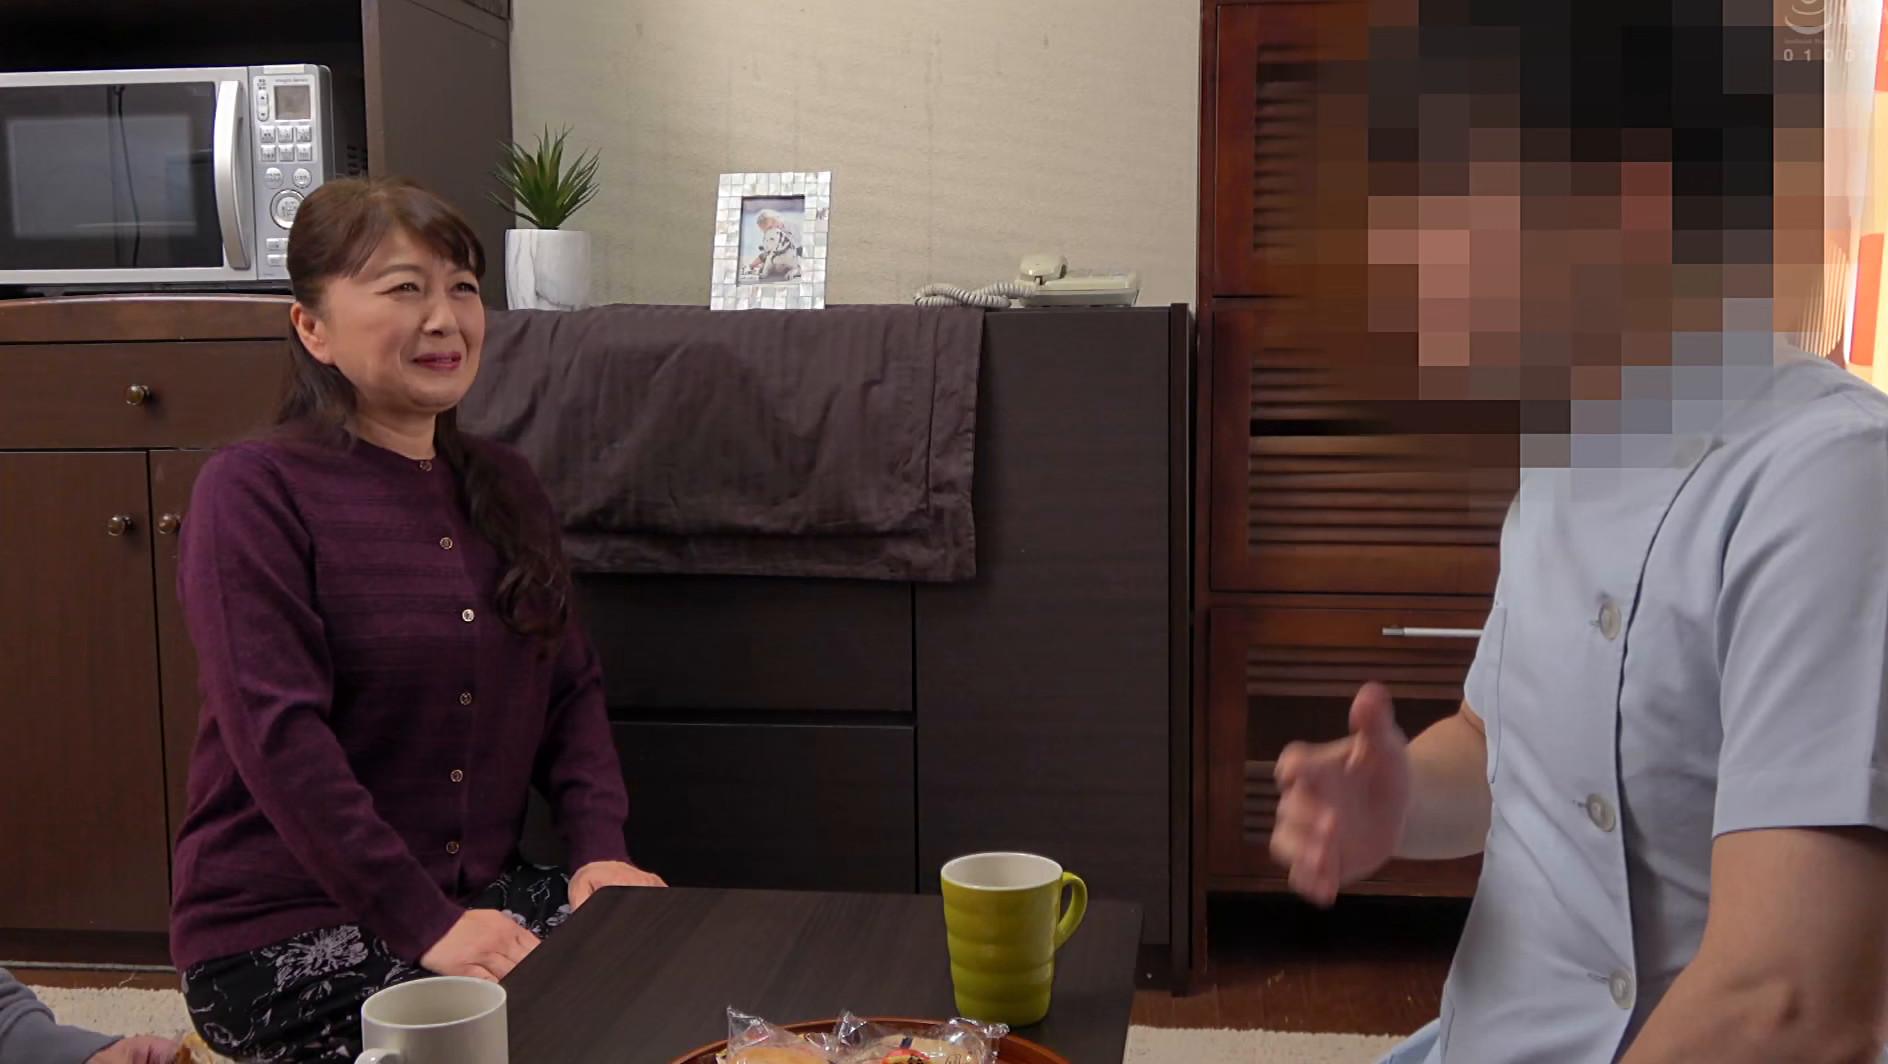 祖母の誕生日にマッサージ師を呼んで性感マッサージをさせたら・・・野沢登代さん(62) 画像1